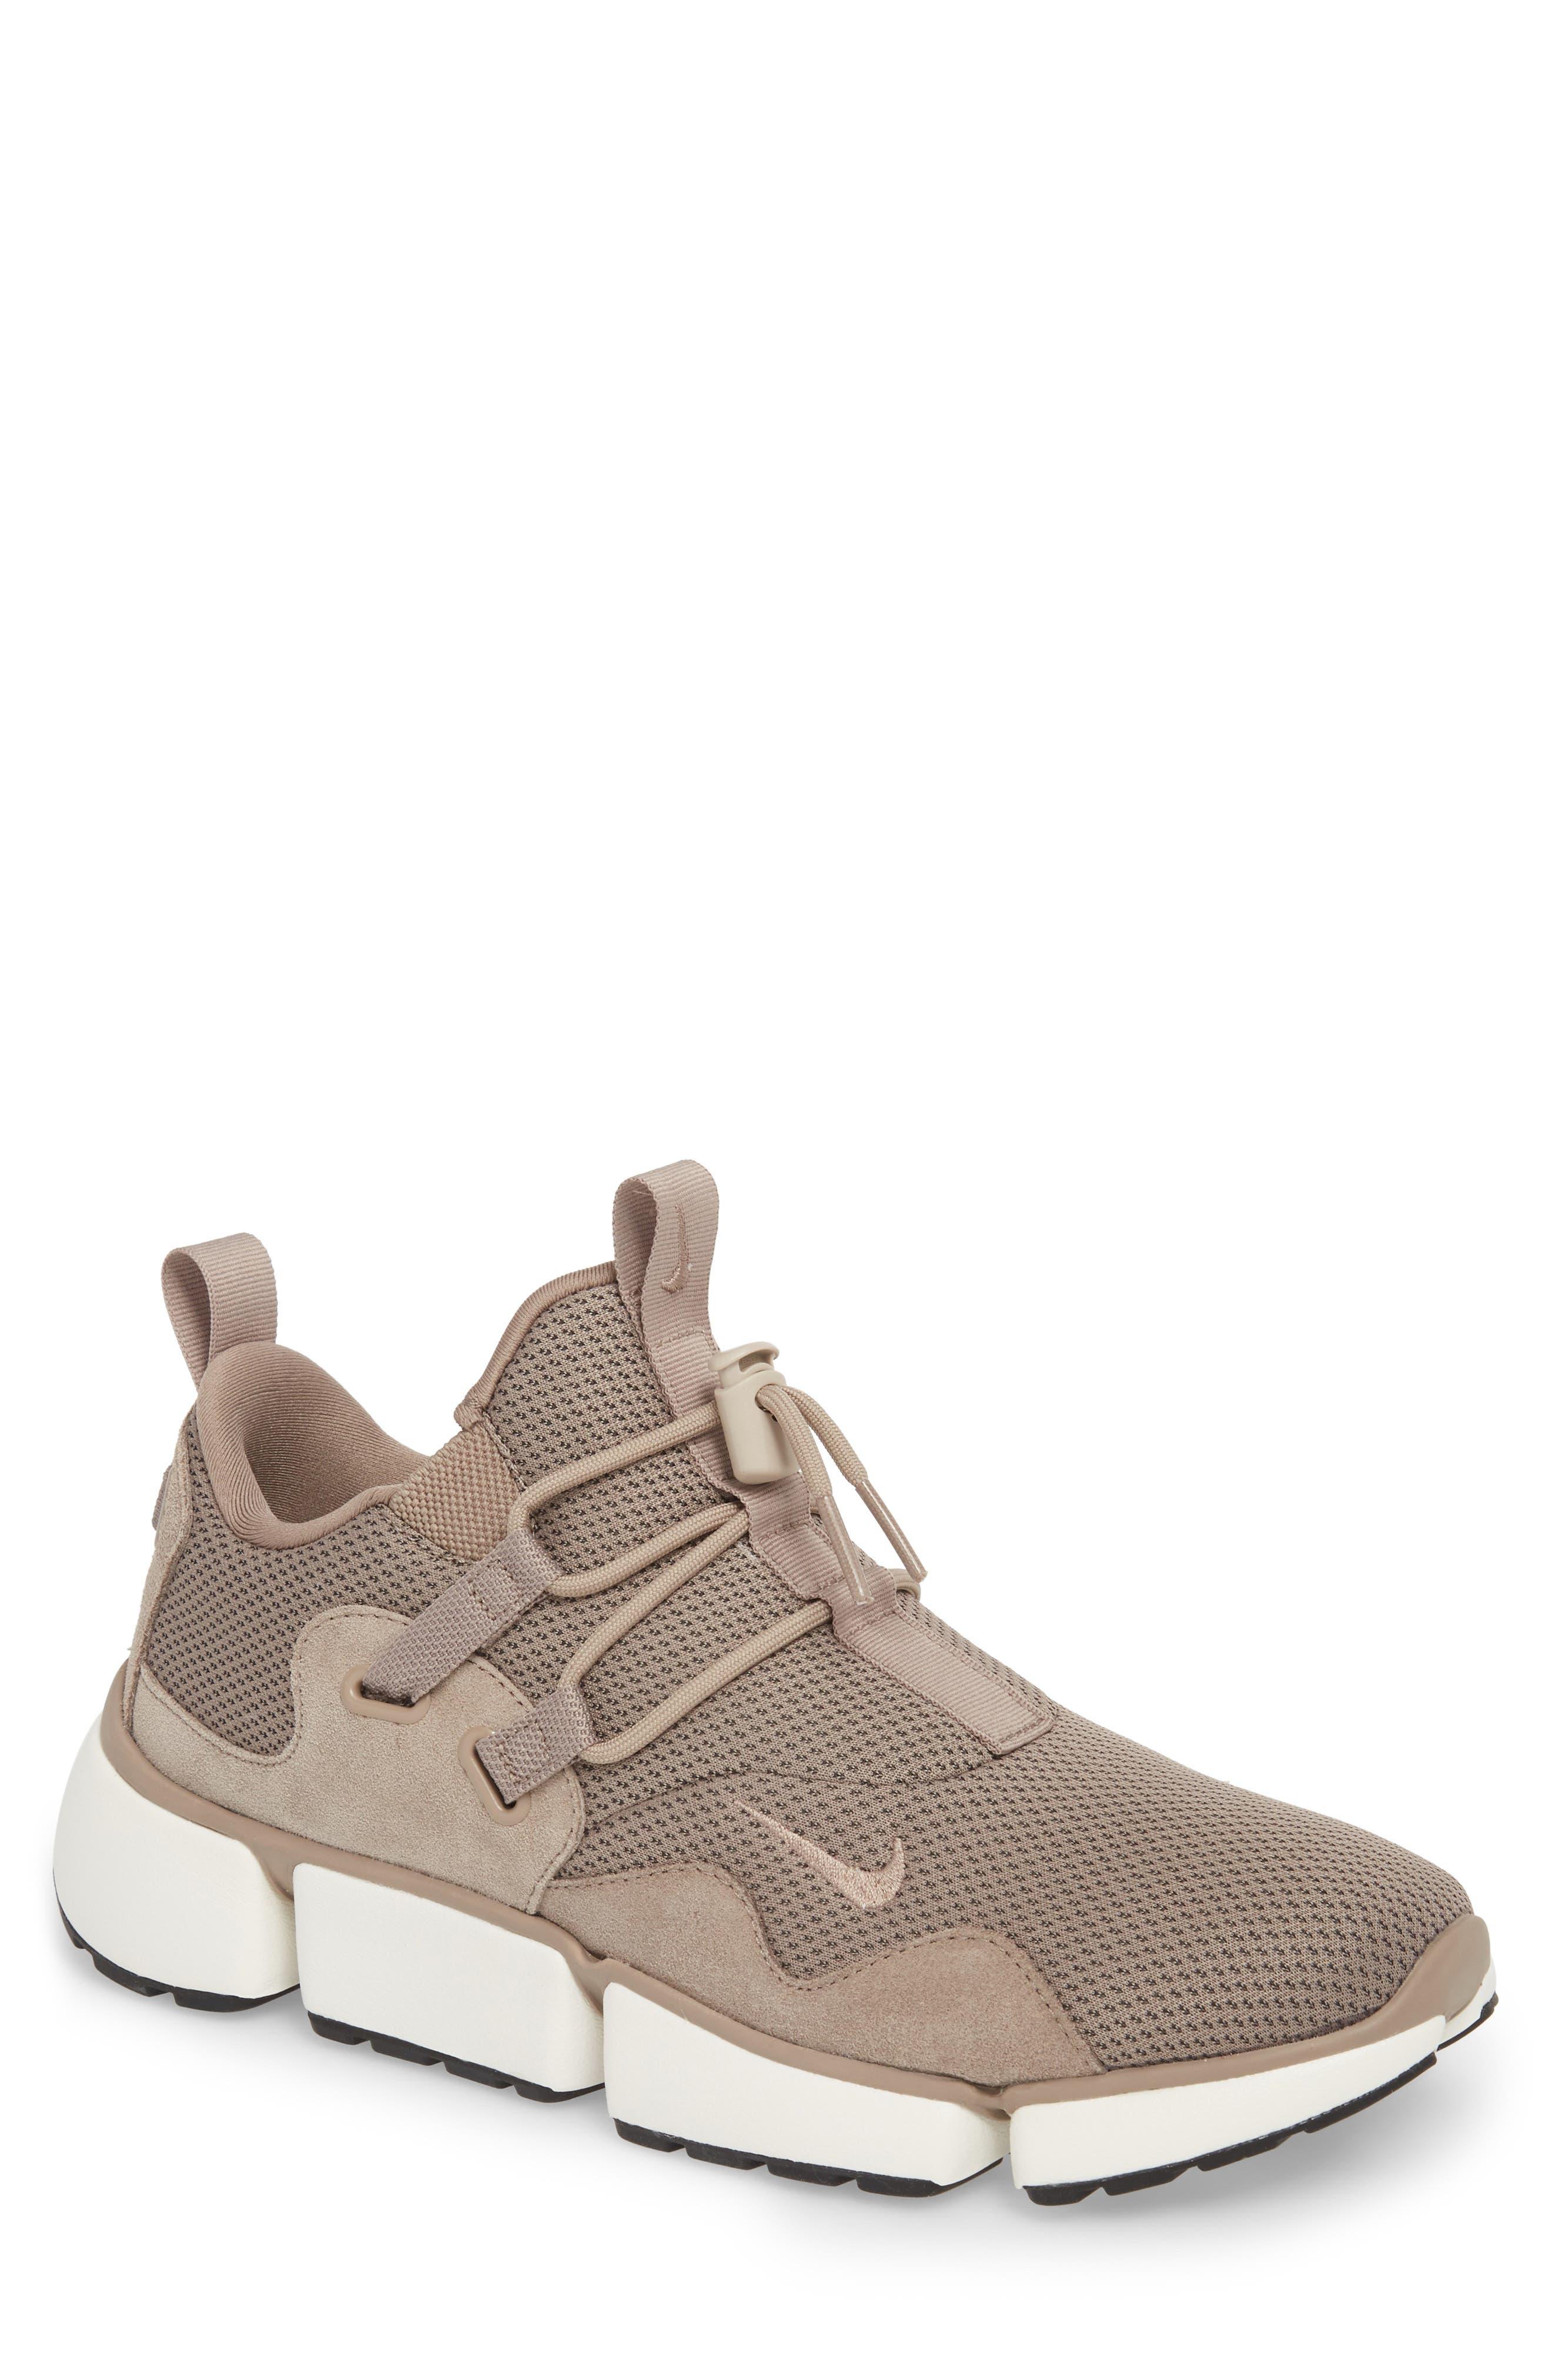 PocketKnife DM SE Sneaker,                             Main thumbnail 1, color,                             Sepia Stone/ Sail/ Black